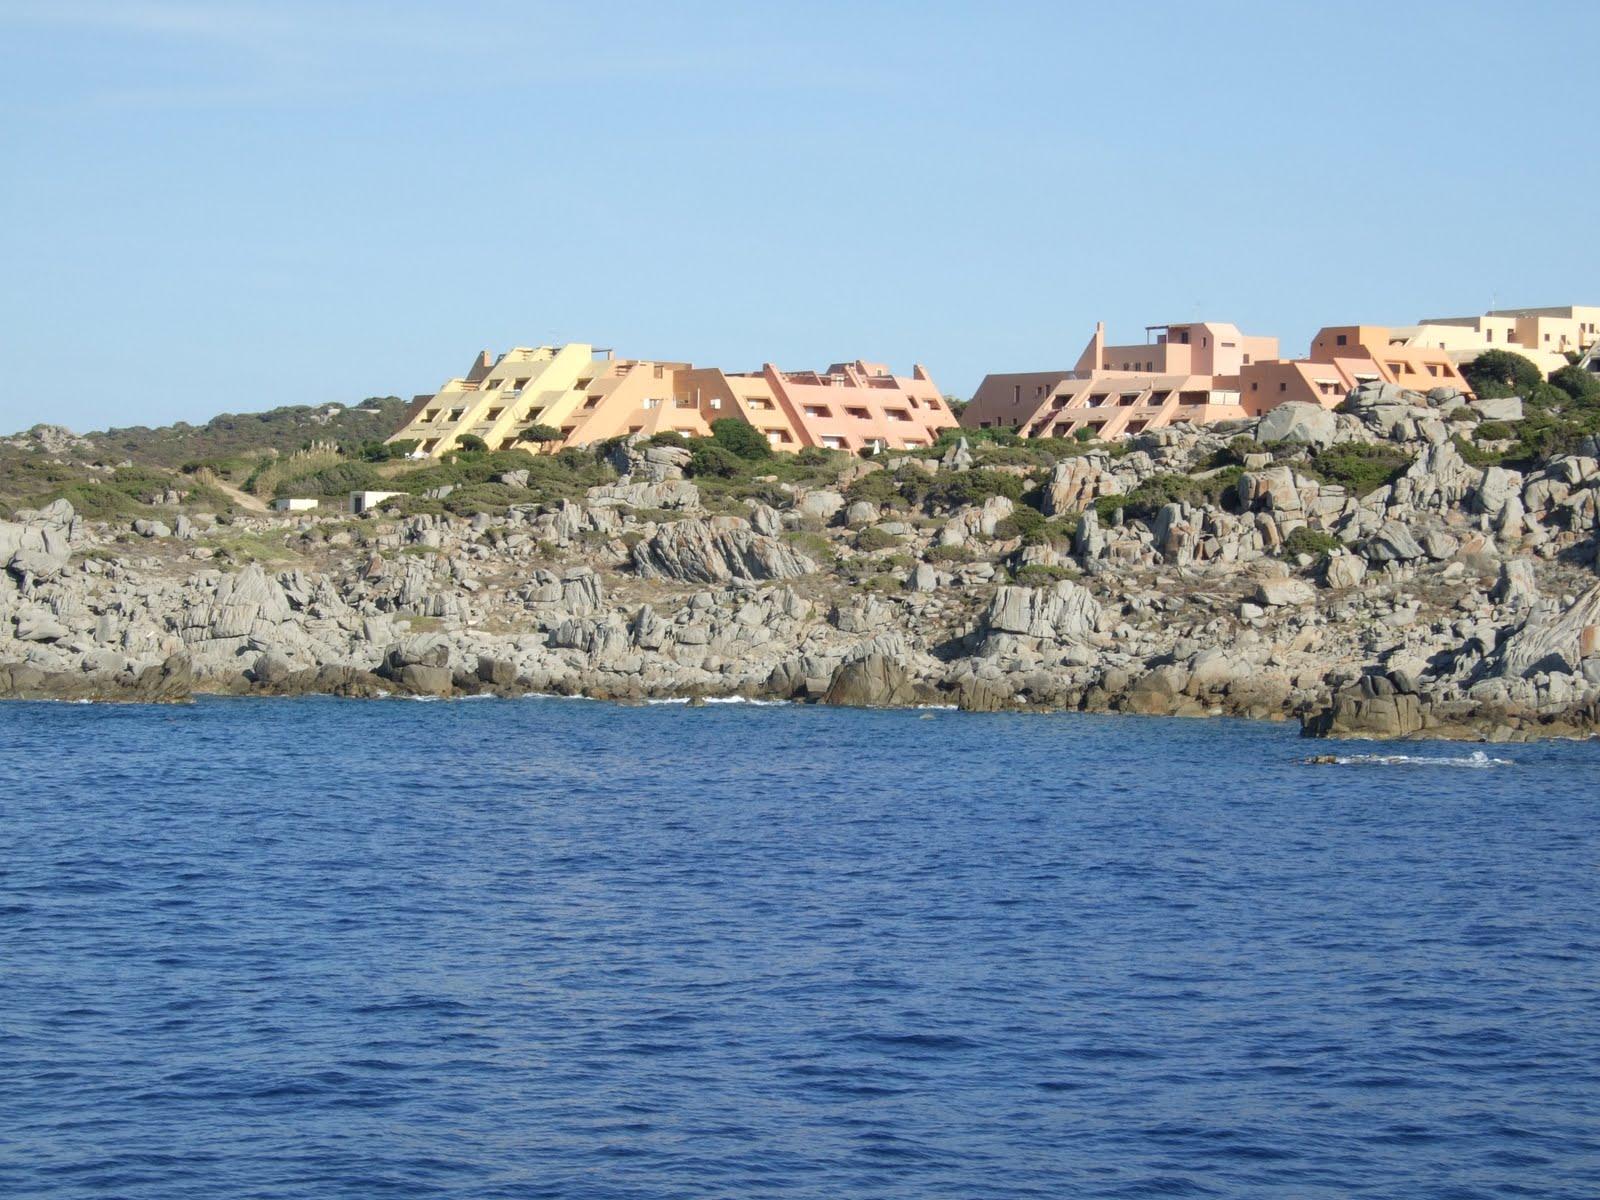 Paesaggiosos sardegna altro villaggio turistico for Villaggio turistico sardegna